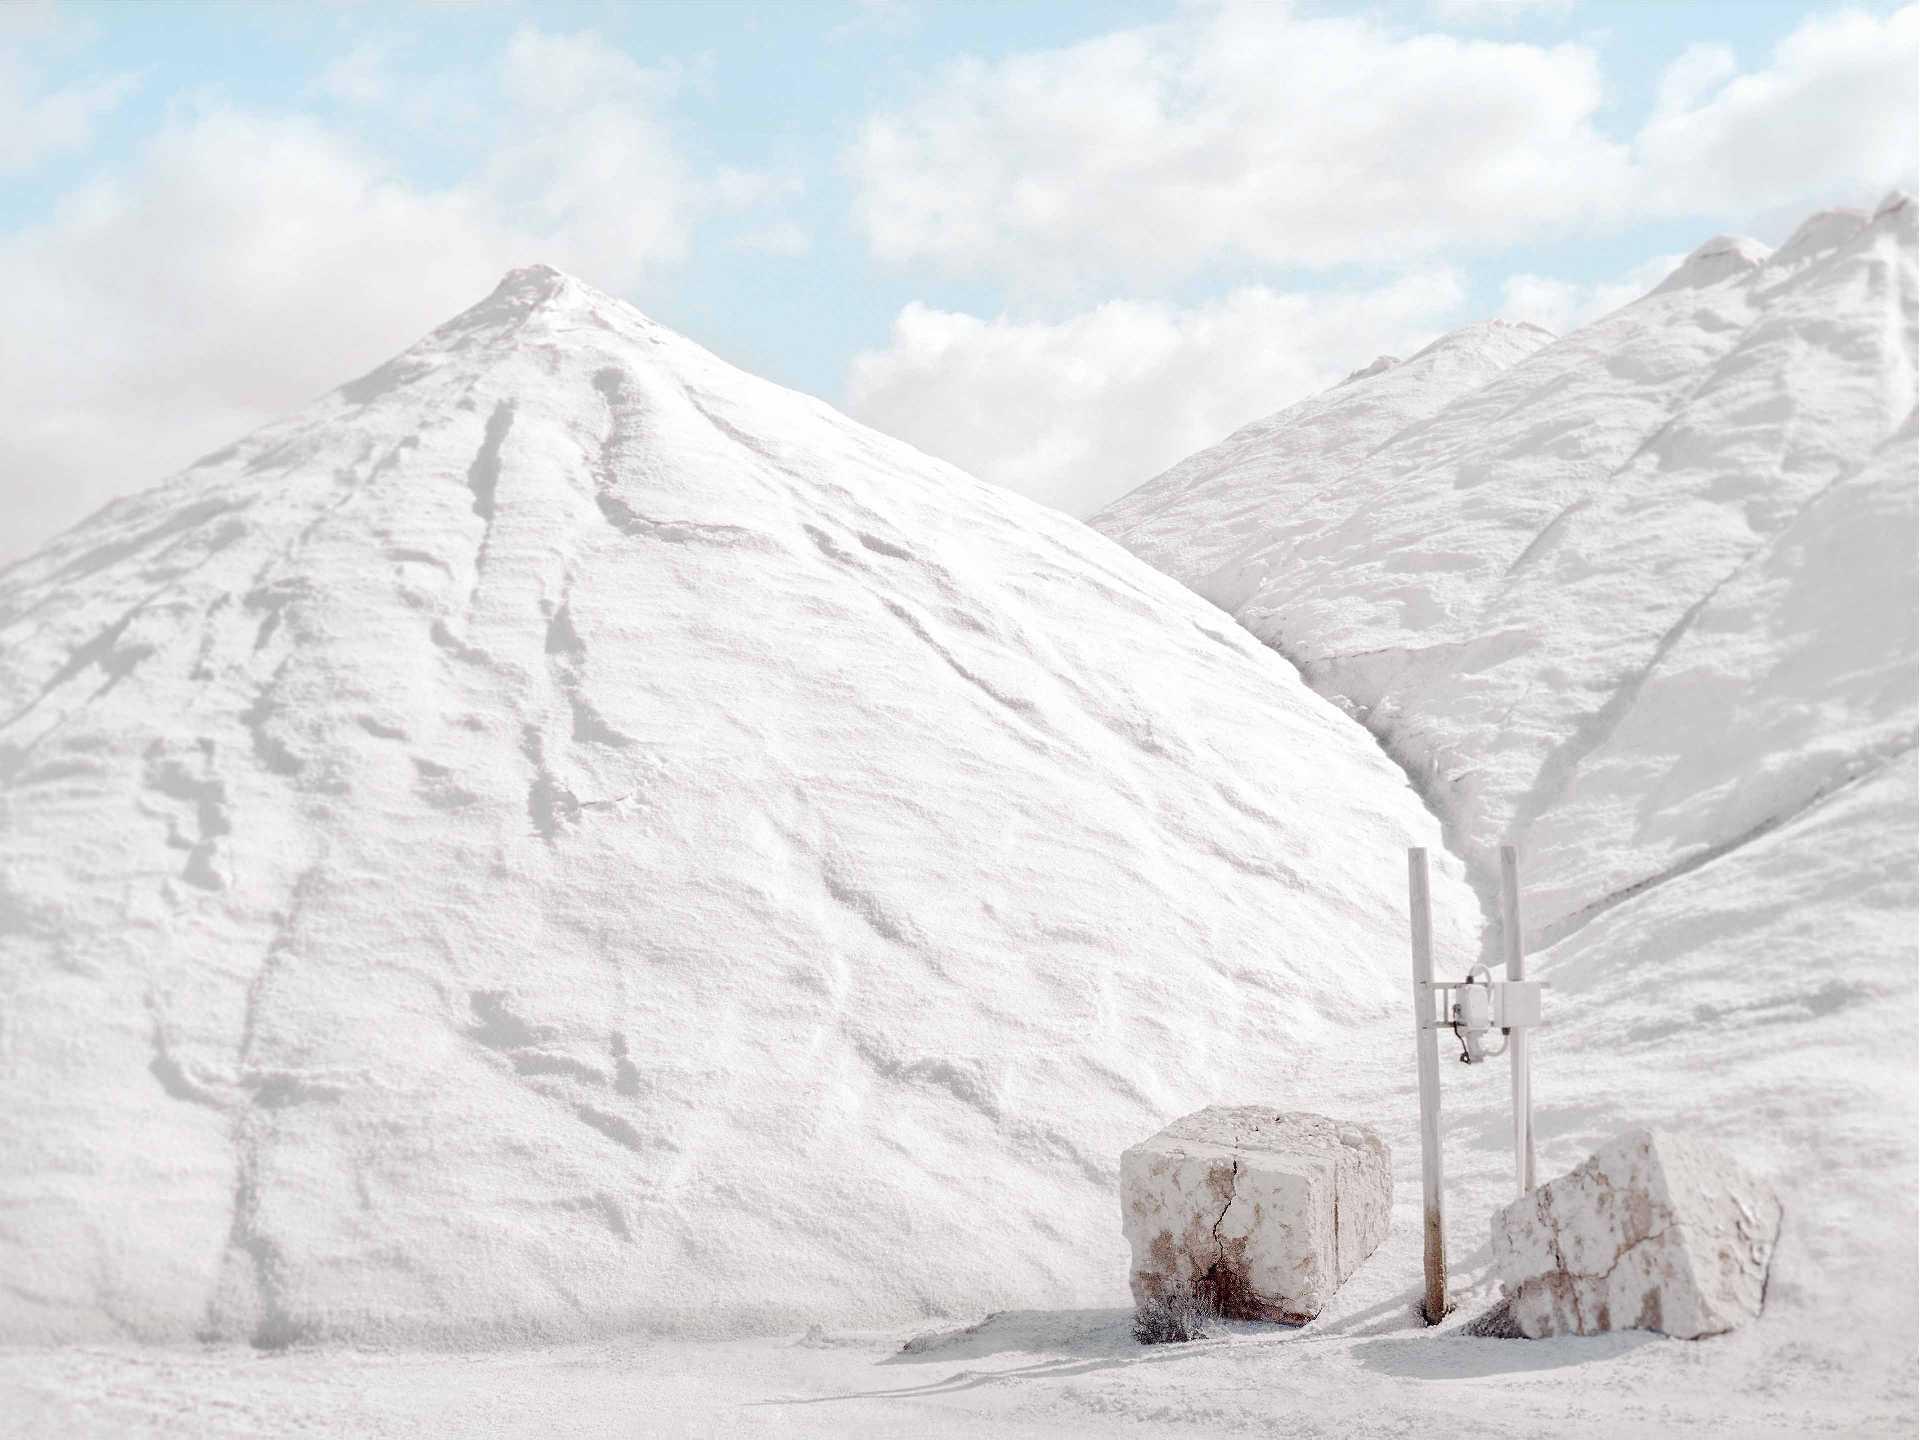 Salt Mine Deserts  - Salt 06 31